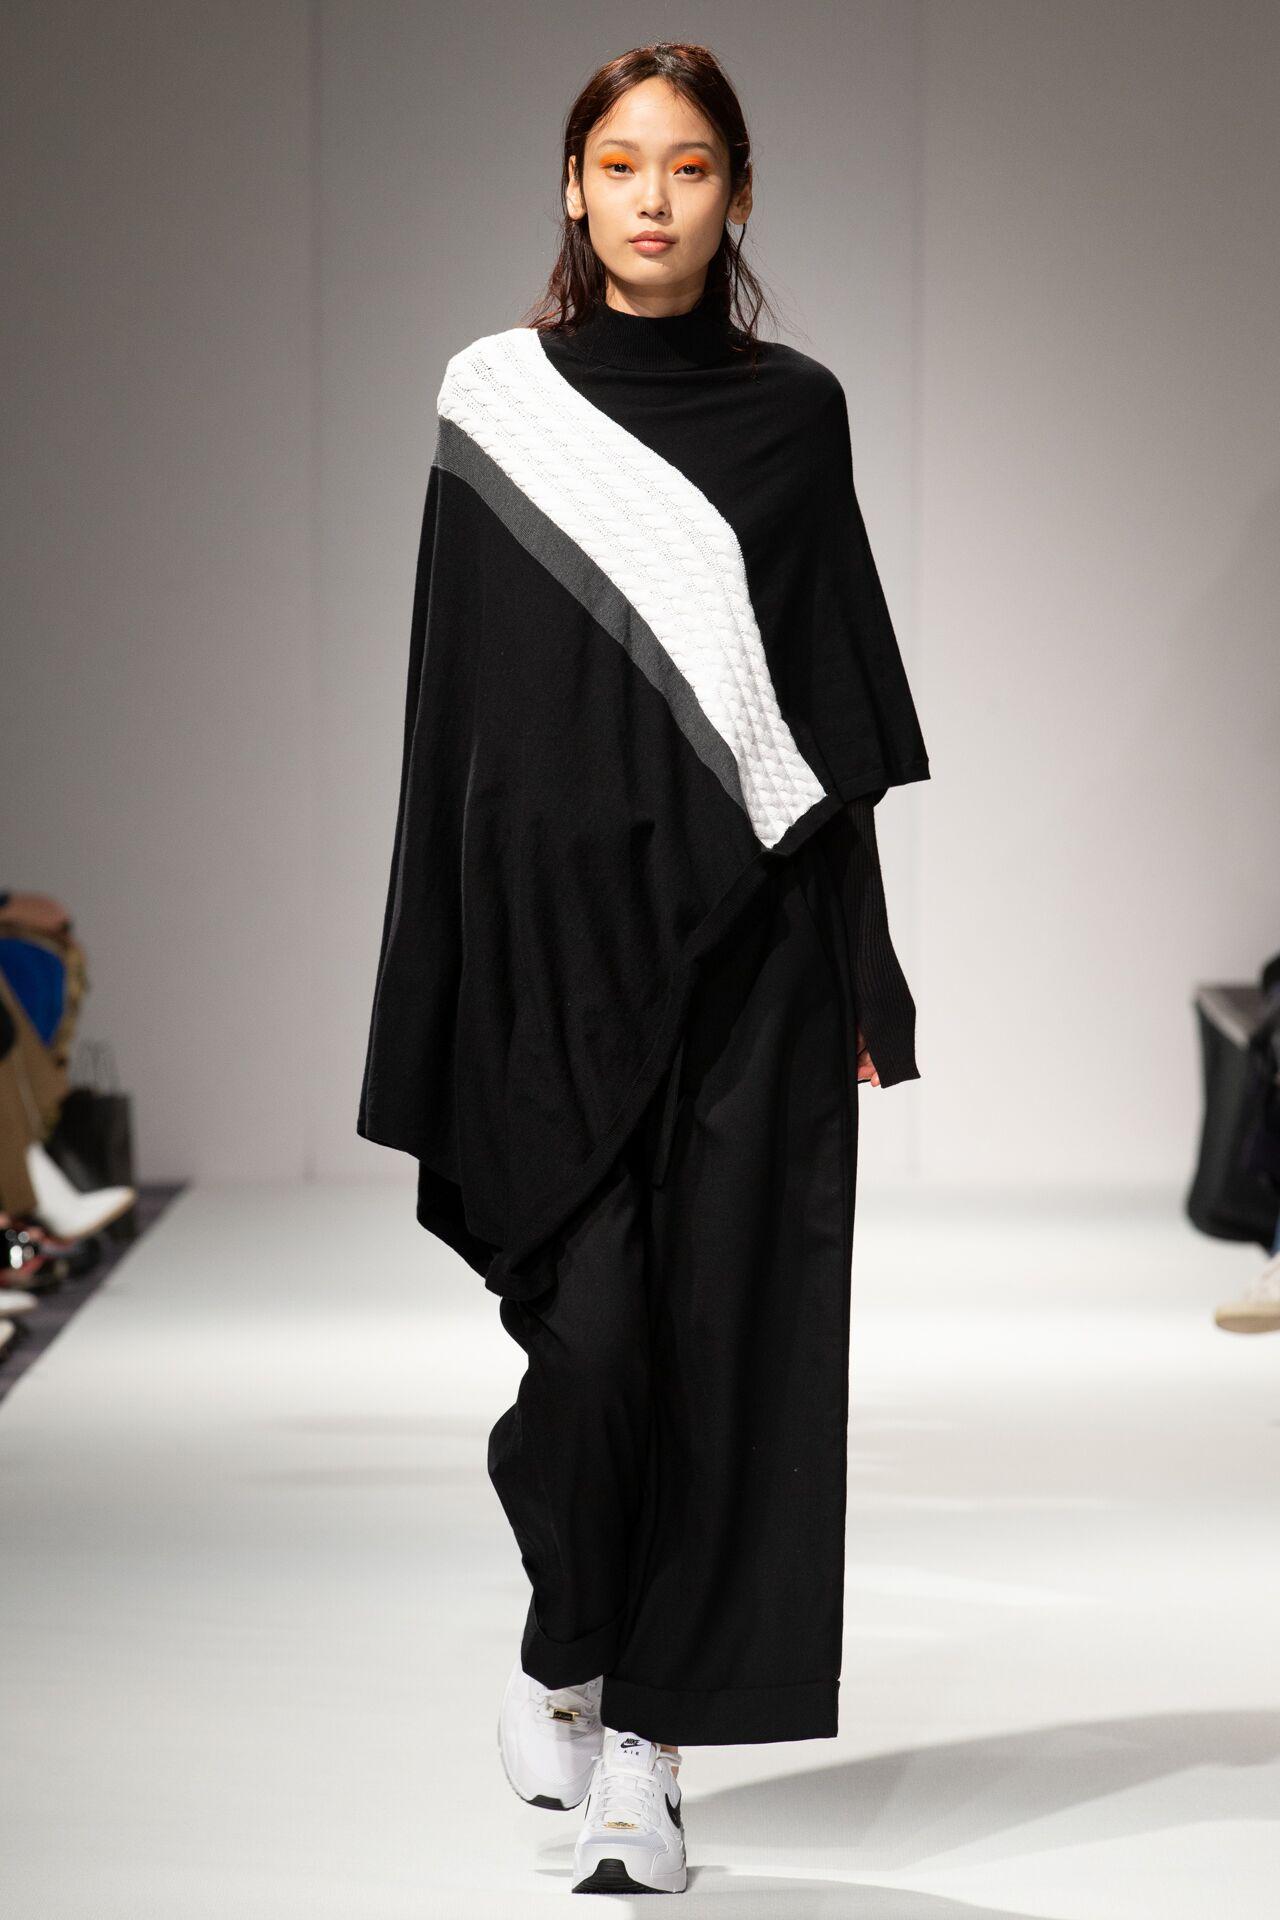 Apujan aw20 show during london fashion week (10)